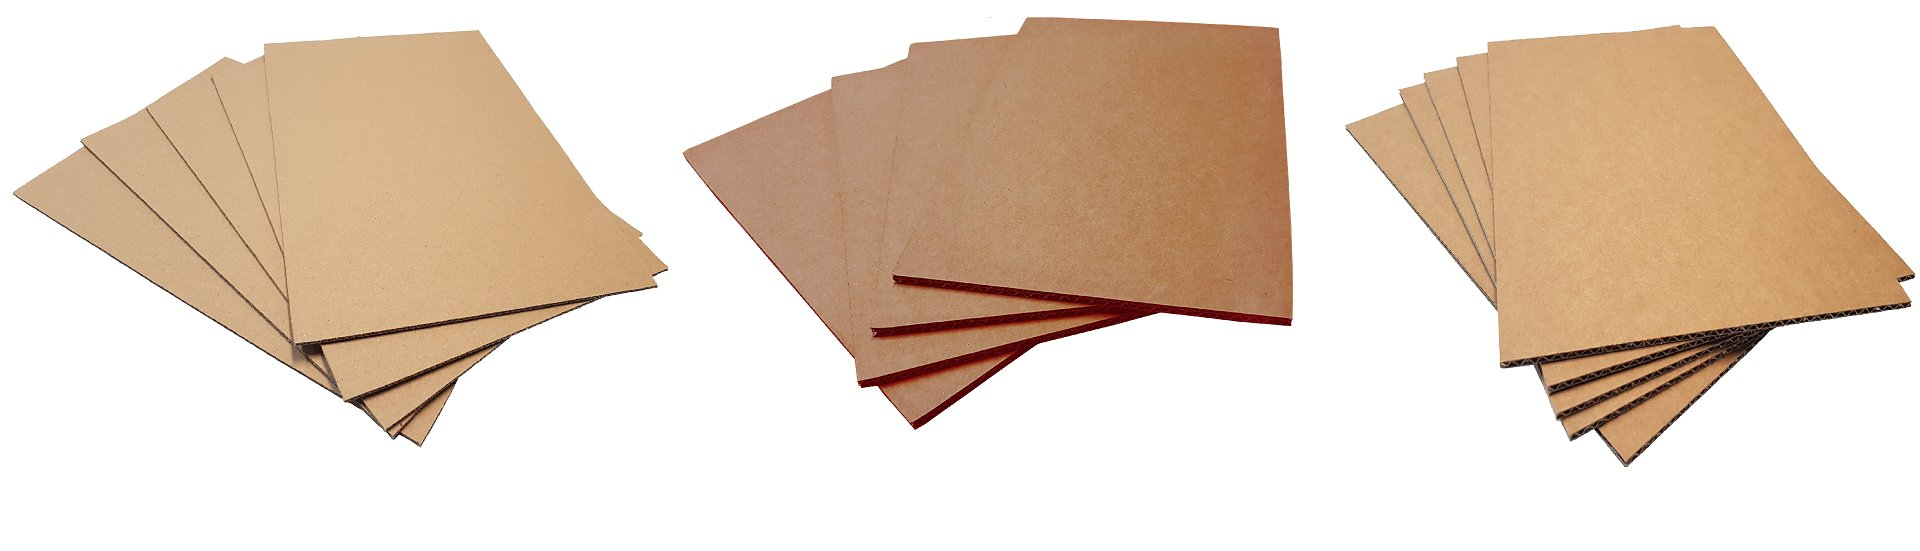 تولید ورق کارتن